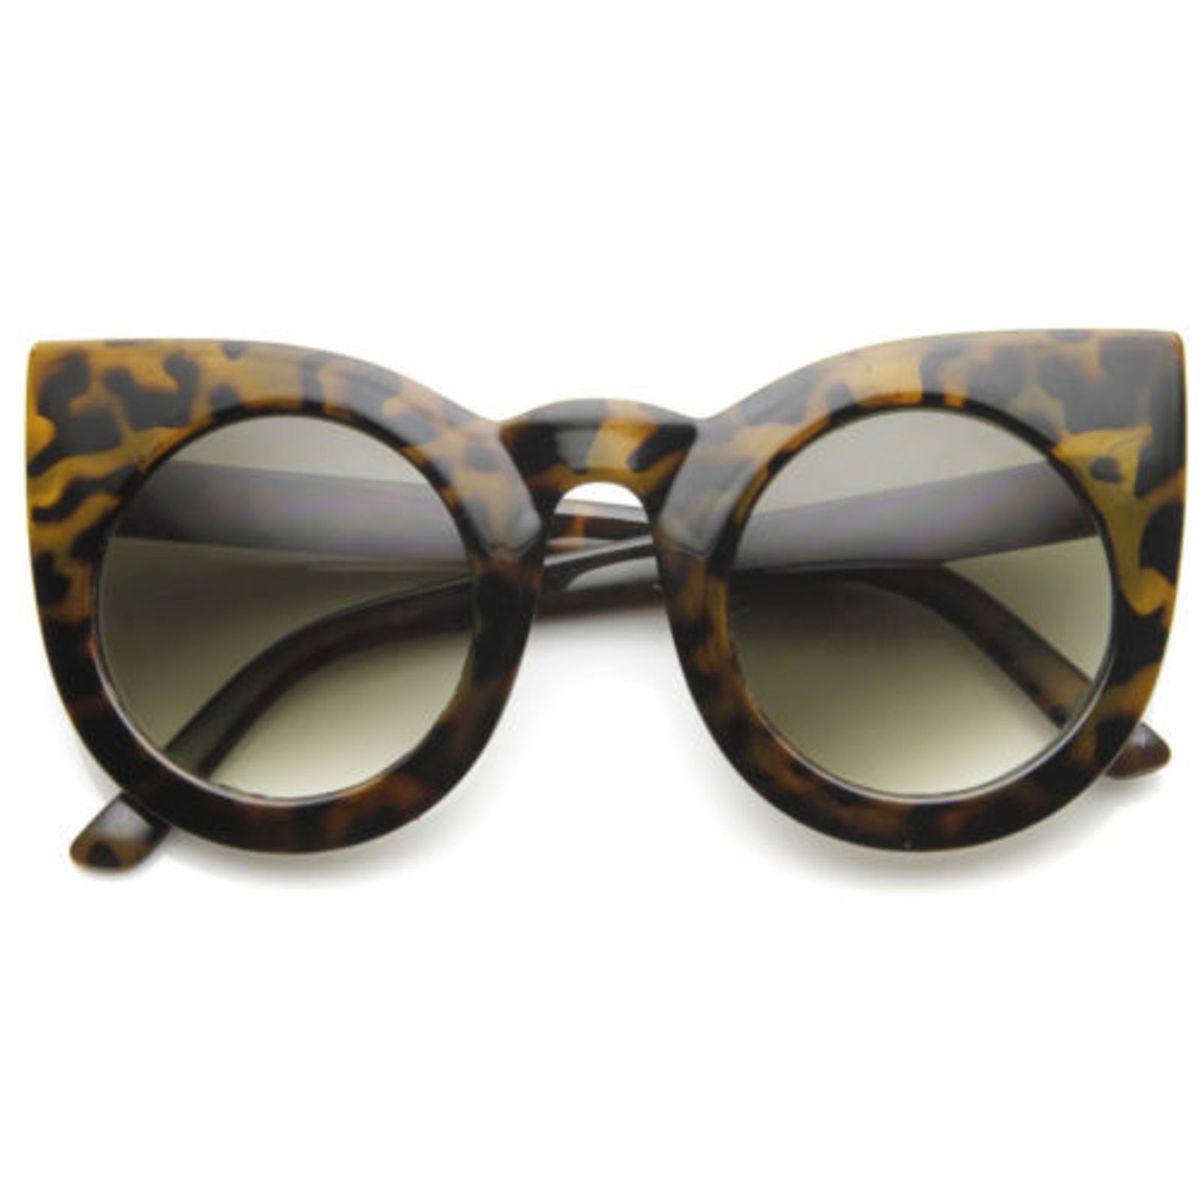 2561c8a799dc8 Óculos Gatinho Redondo Oversize